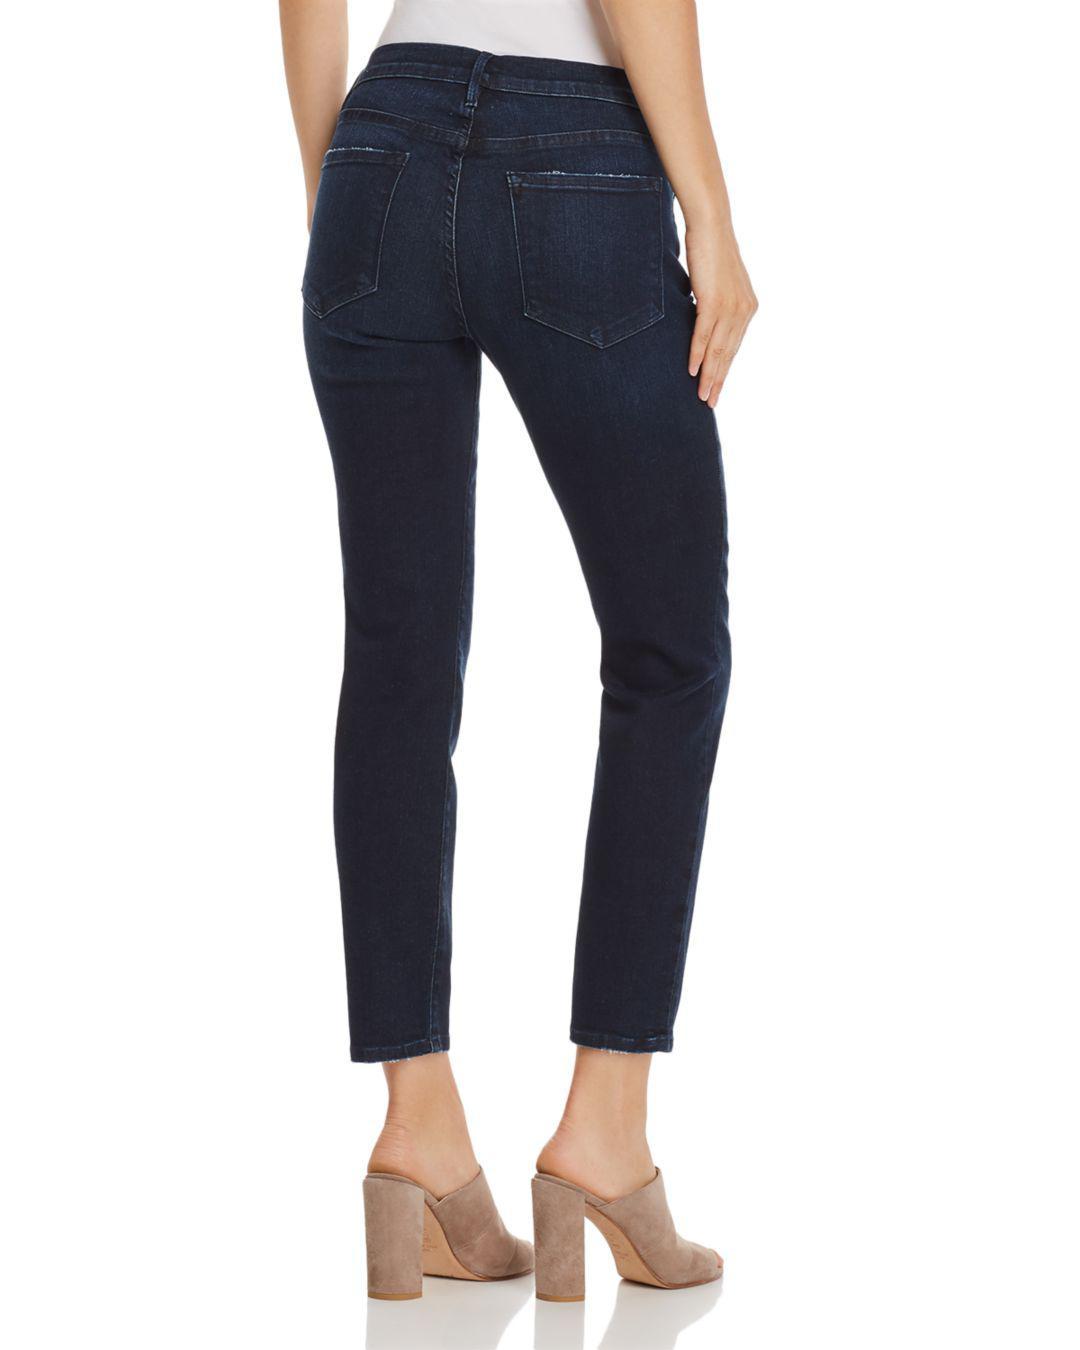 65c8870cfa852 Lyst - FRAME Le Skinny De Jeanne Cropped Jeans In Lauretta in Blue